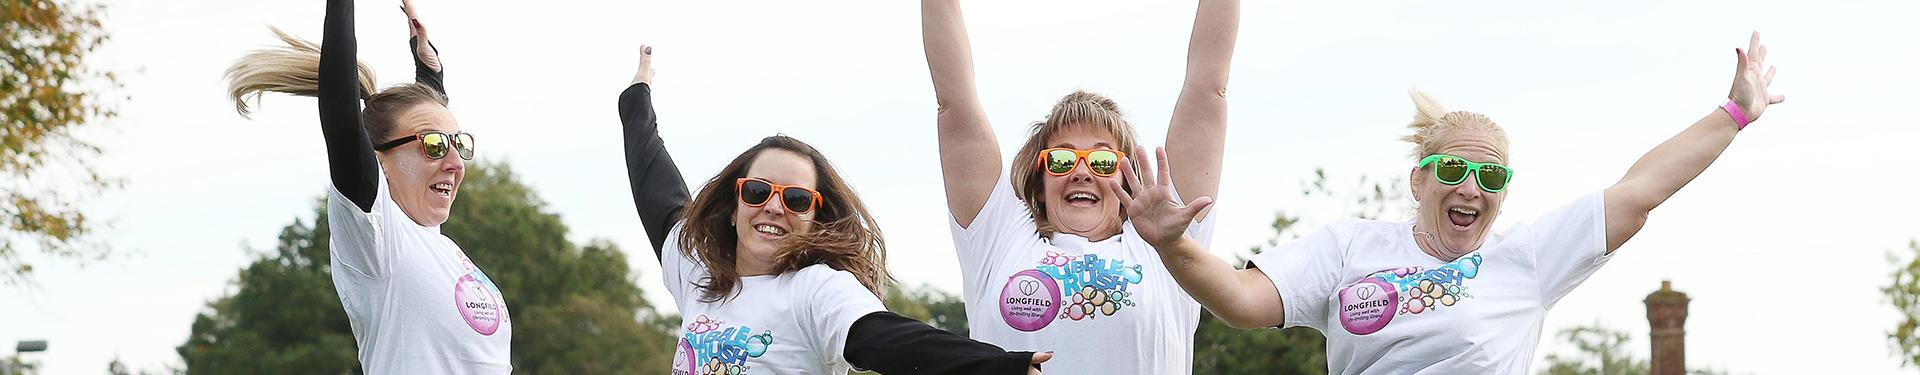 Bubble Rush participants